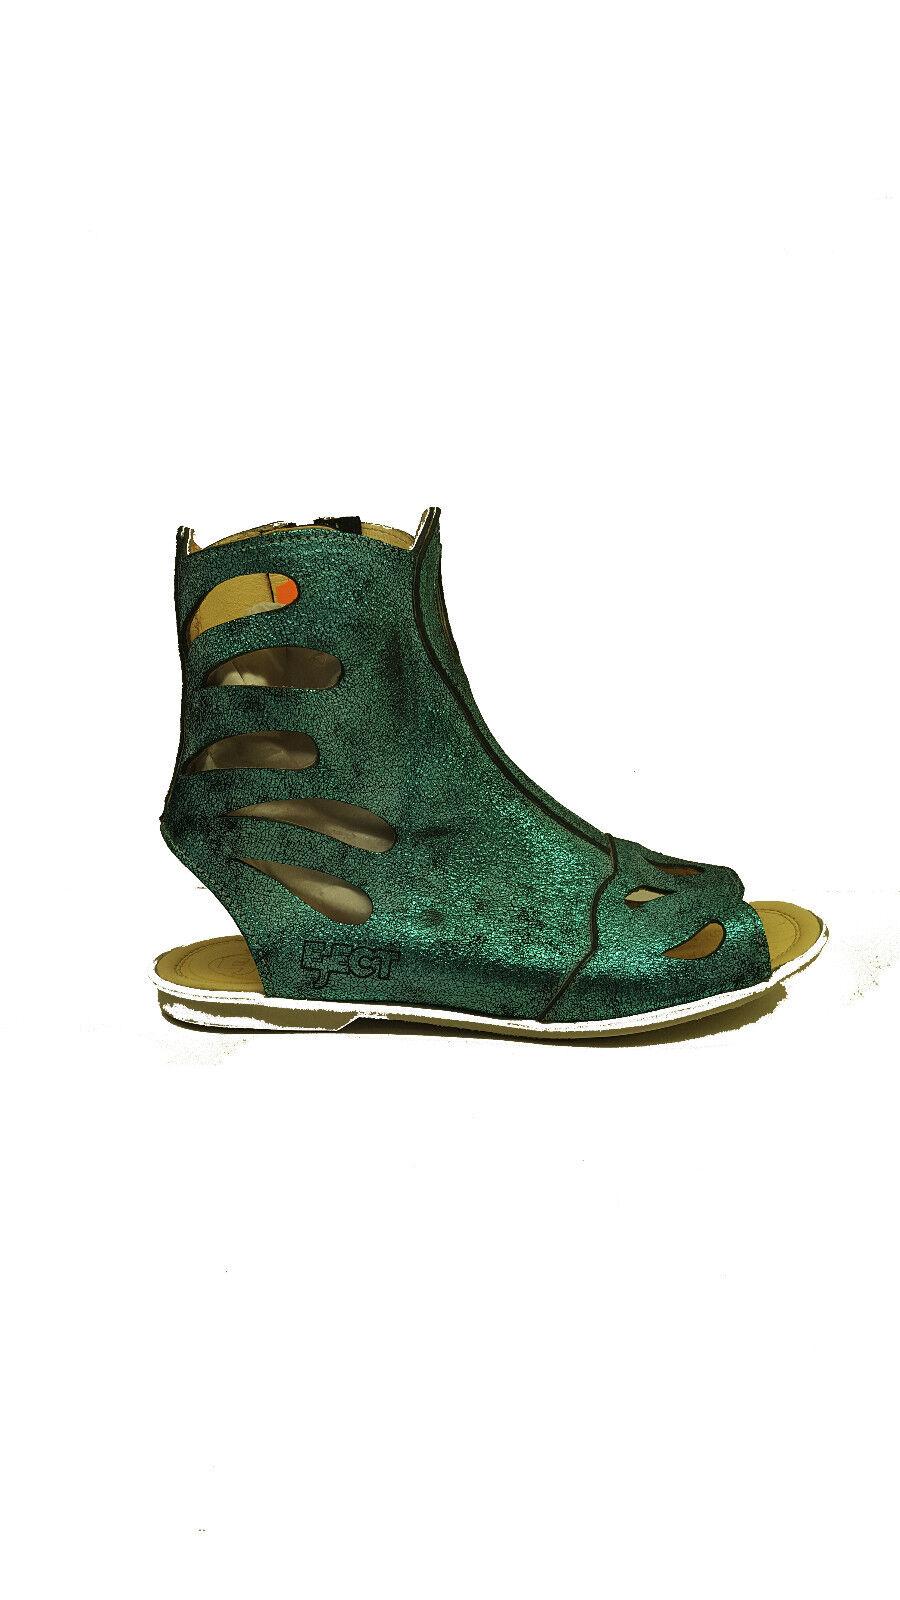 Eject Sandalen Fluffy blau,Gli sono stivali da donna classici sono blau,Gli popolari, economici e hanno dimensioni 53de8d